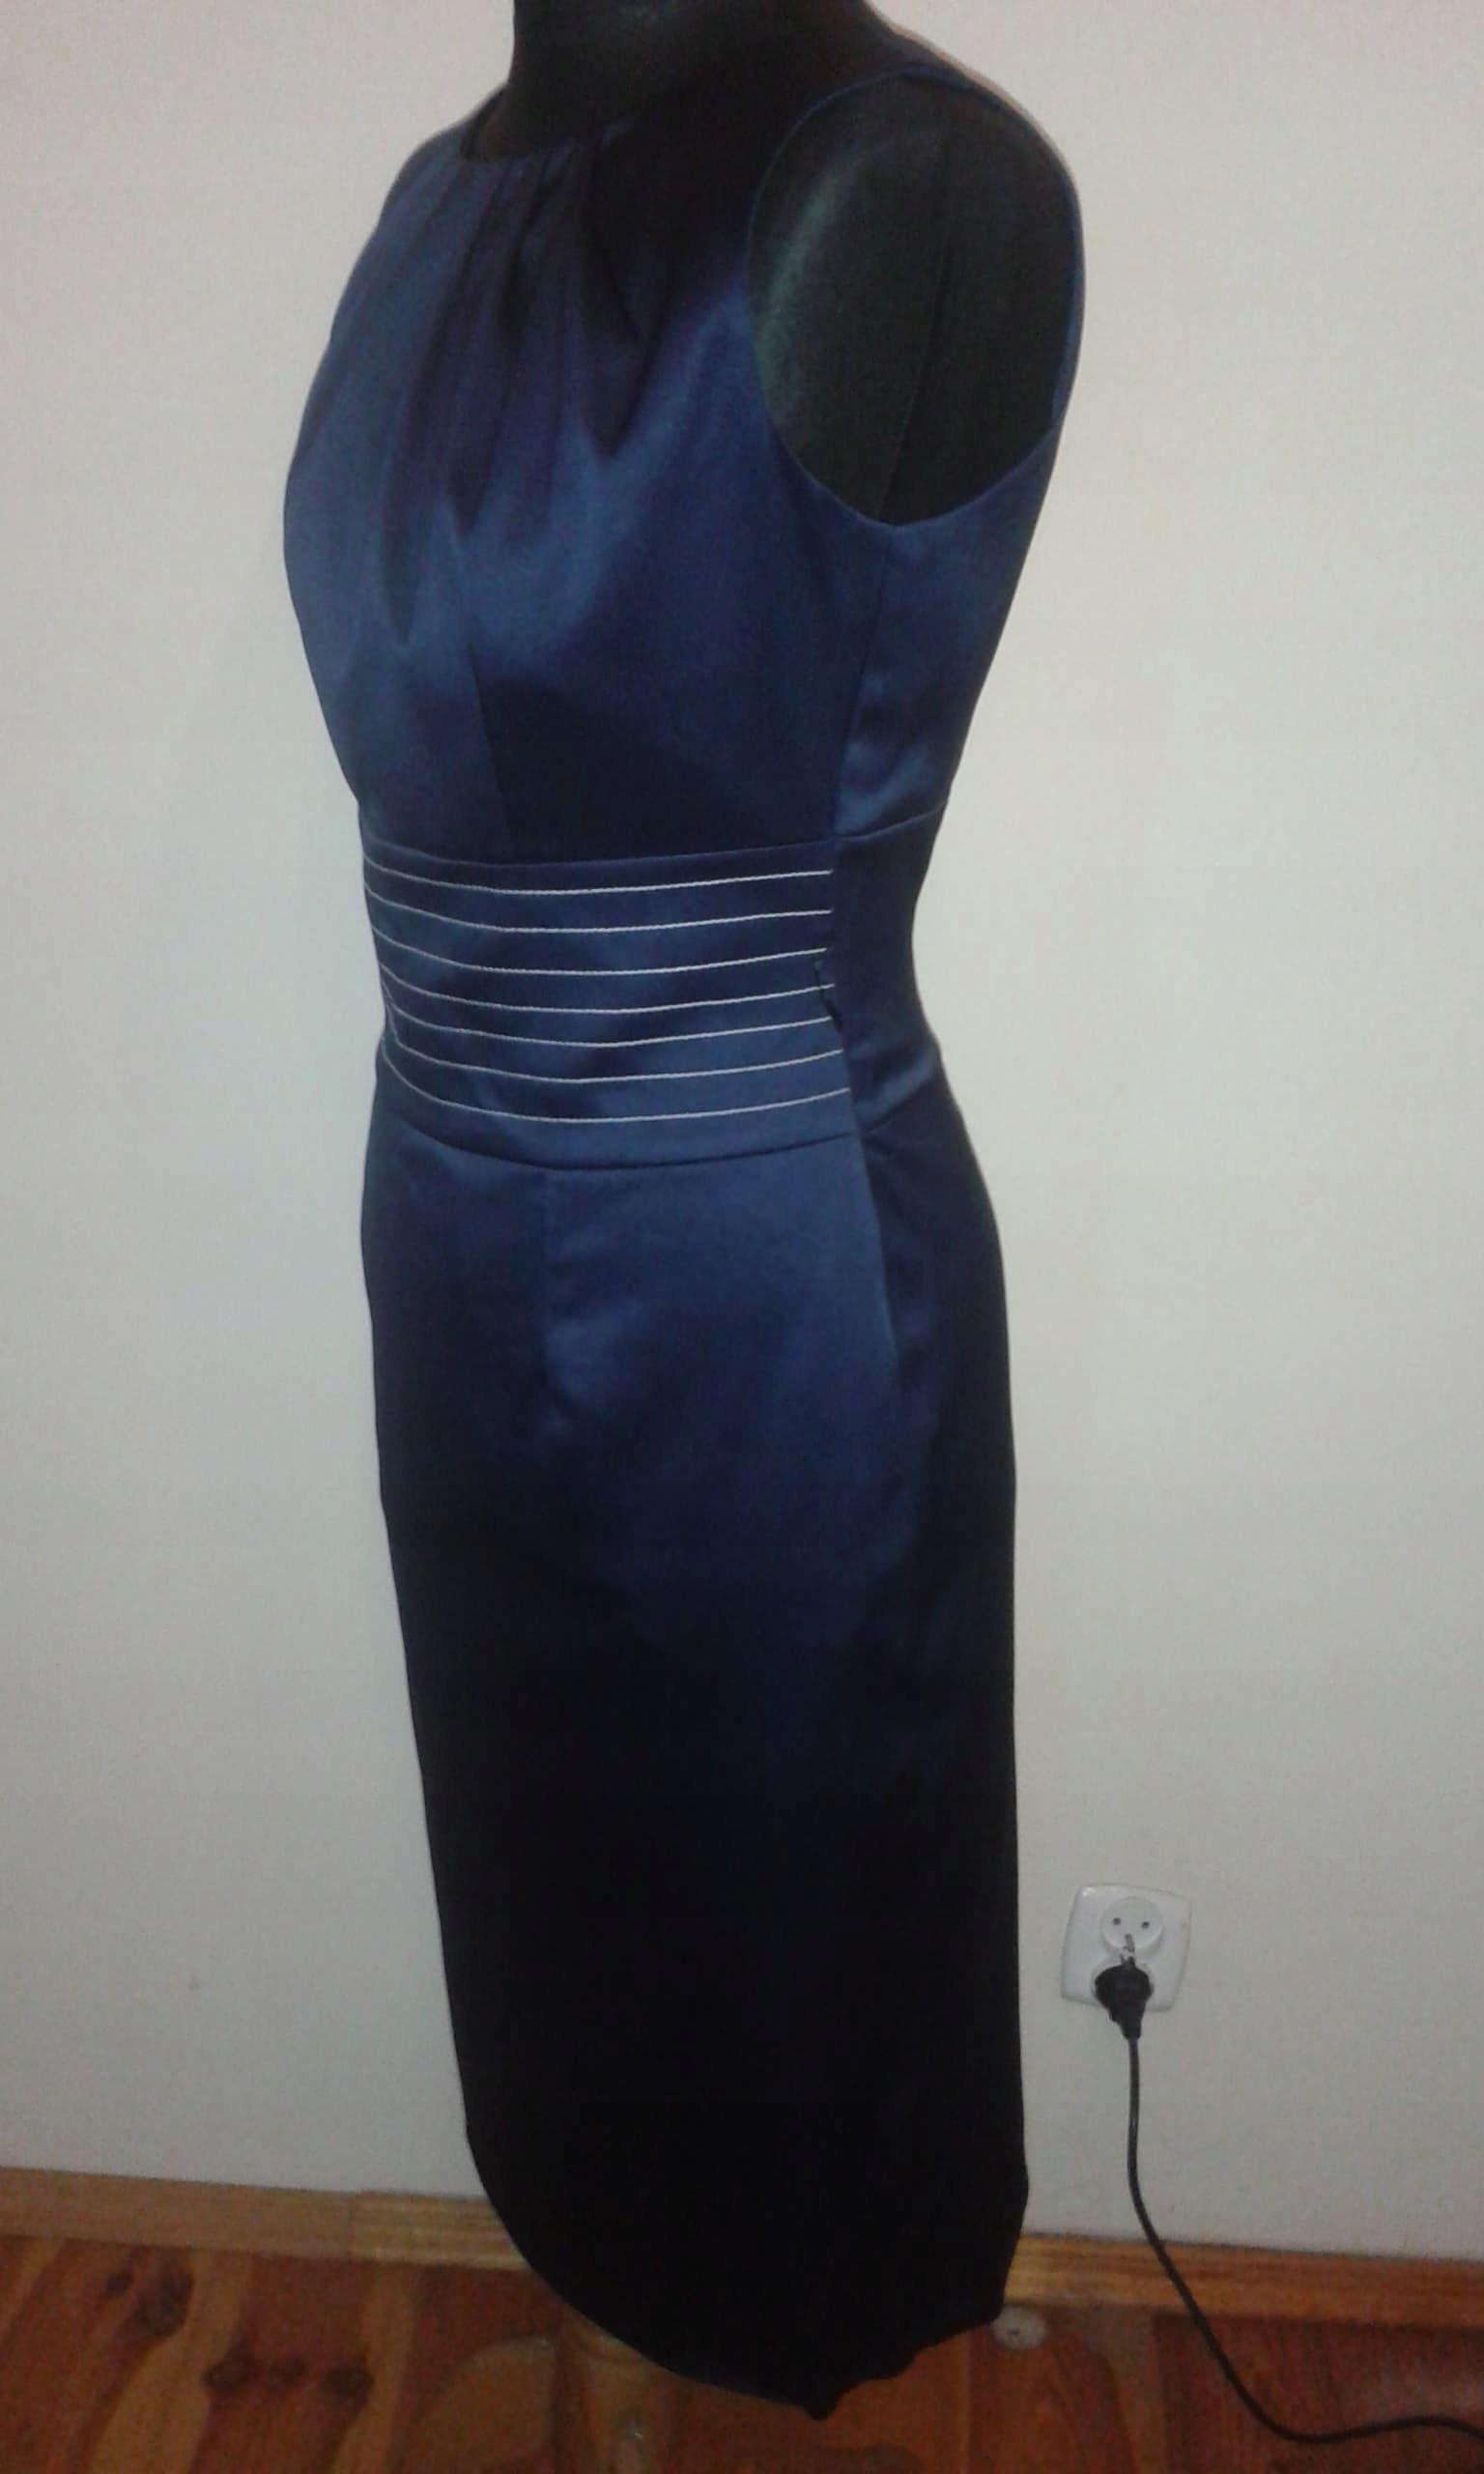 6bd20c0763 BOONE elegancka ołówkowa granatowa sukienka r.40 - 7717383555 ...